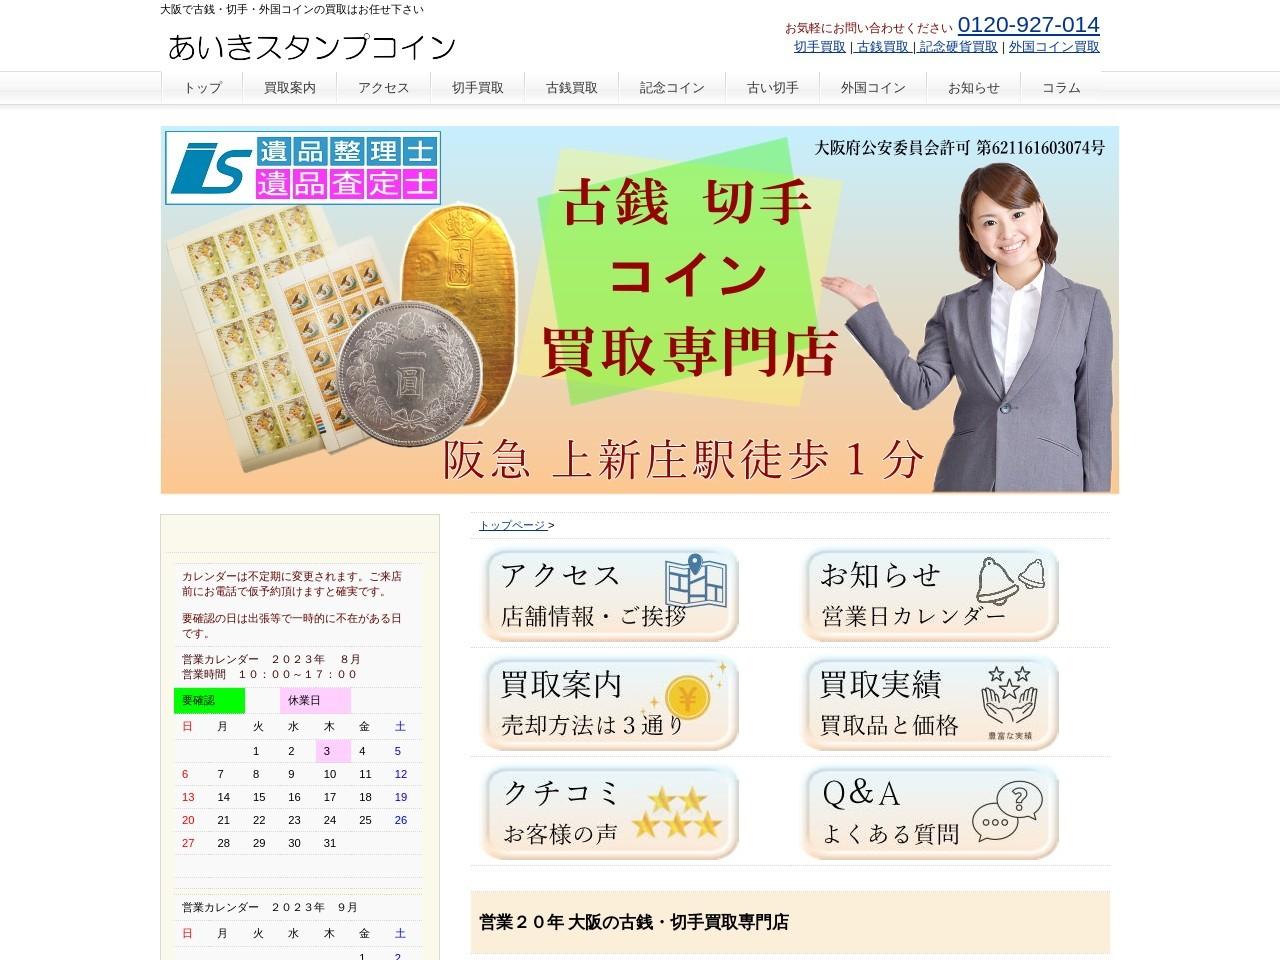 大阪の切手買取|古銭買取|記念コイン買取|古いお金鑑定の専門店